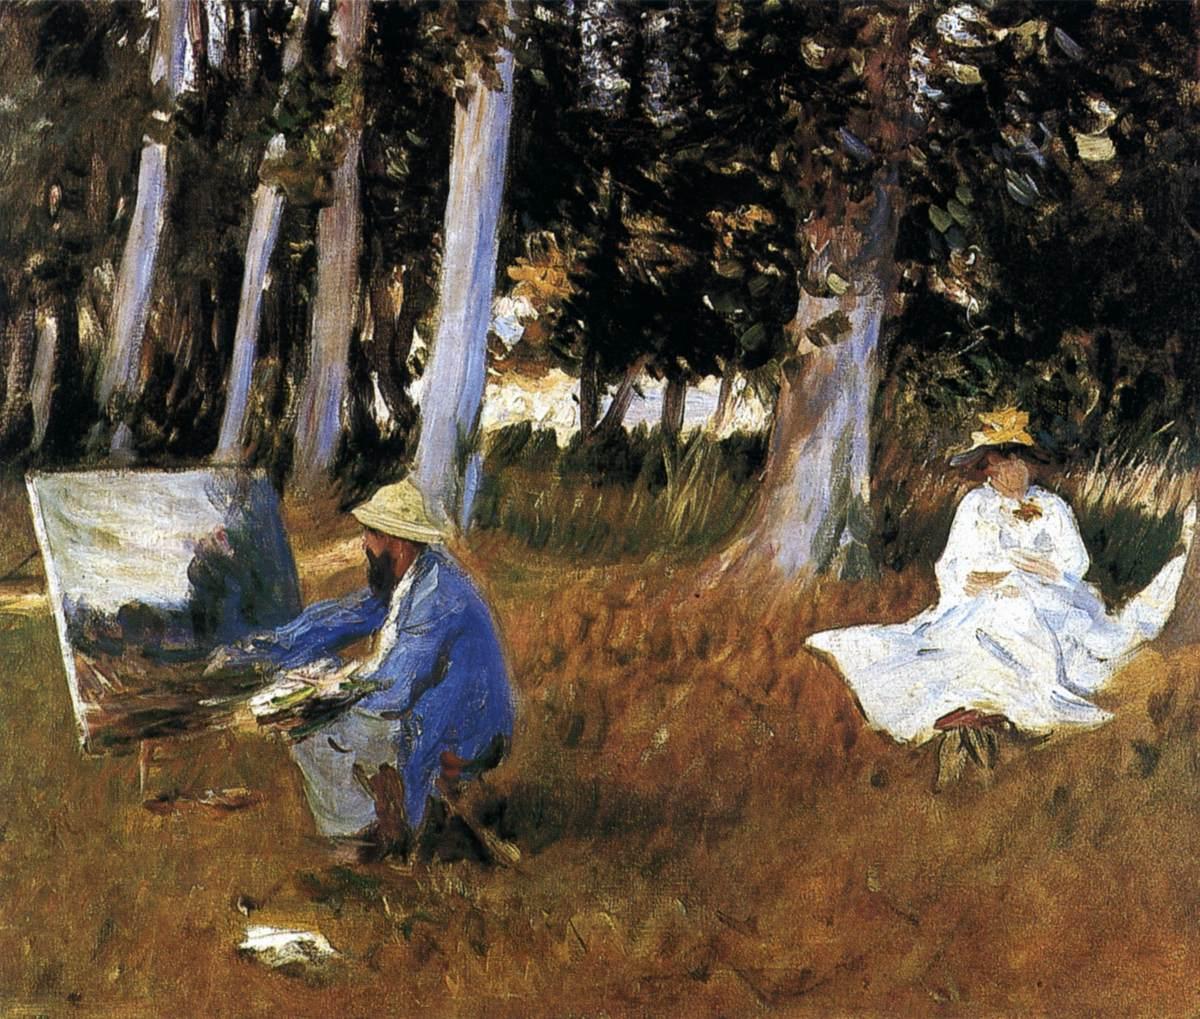 Ca s'est passé en avril ! John-singer-sargent-claude-monet-peignant-a-la-lisiere-d-un-bois-1885